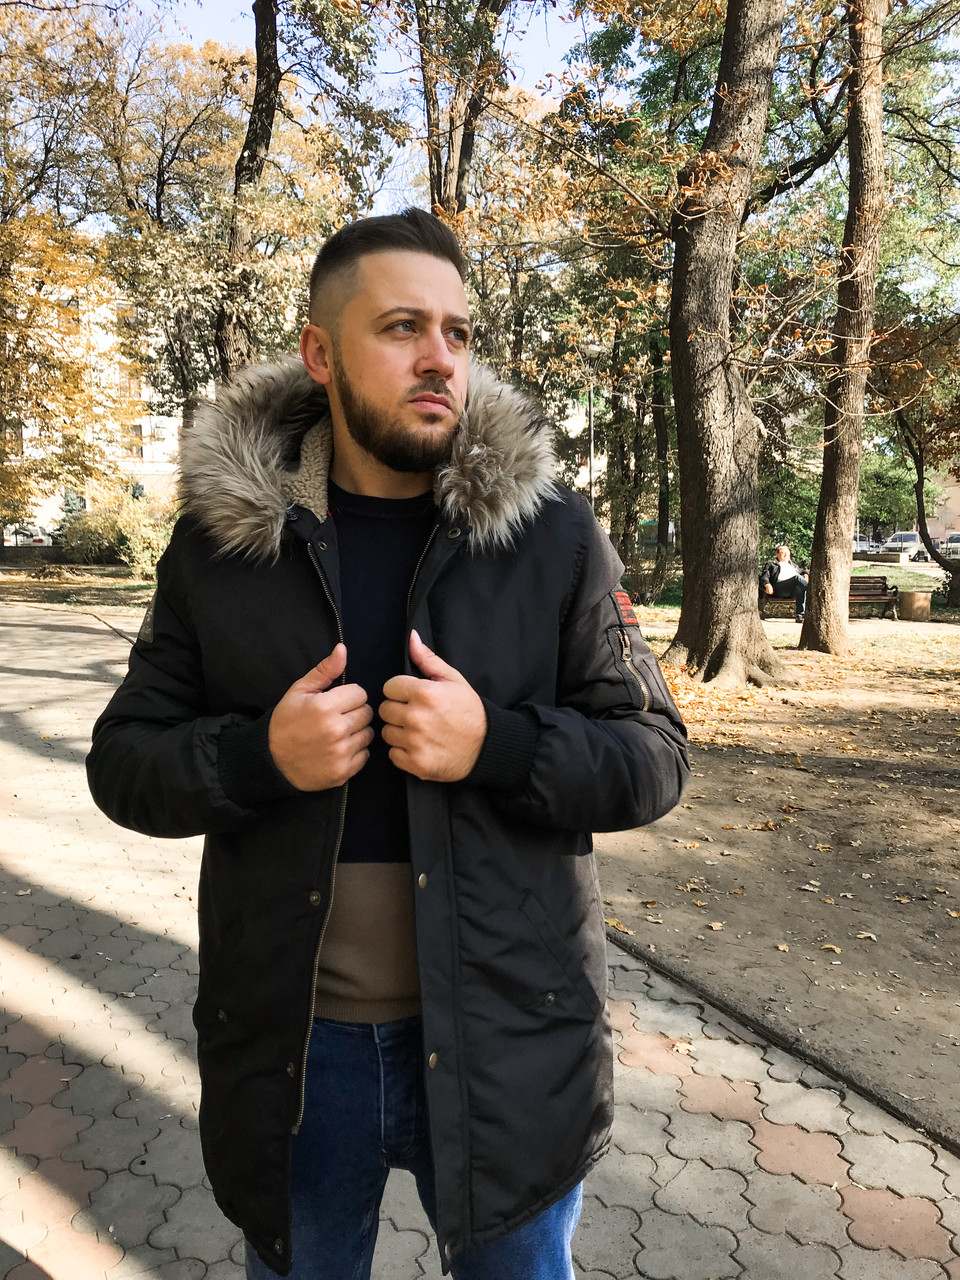 Куртка мужская черная - MILLIONAIRE оптом мужская одежда в Черновцах 3cb456c85fb94